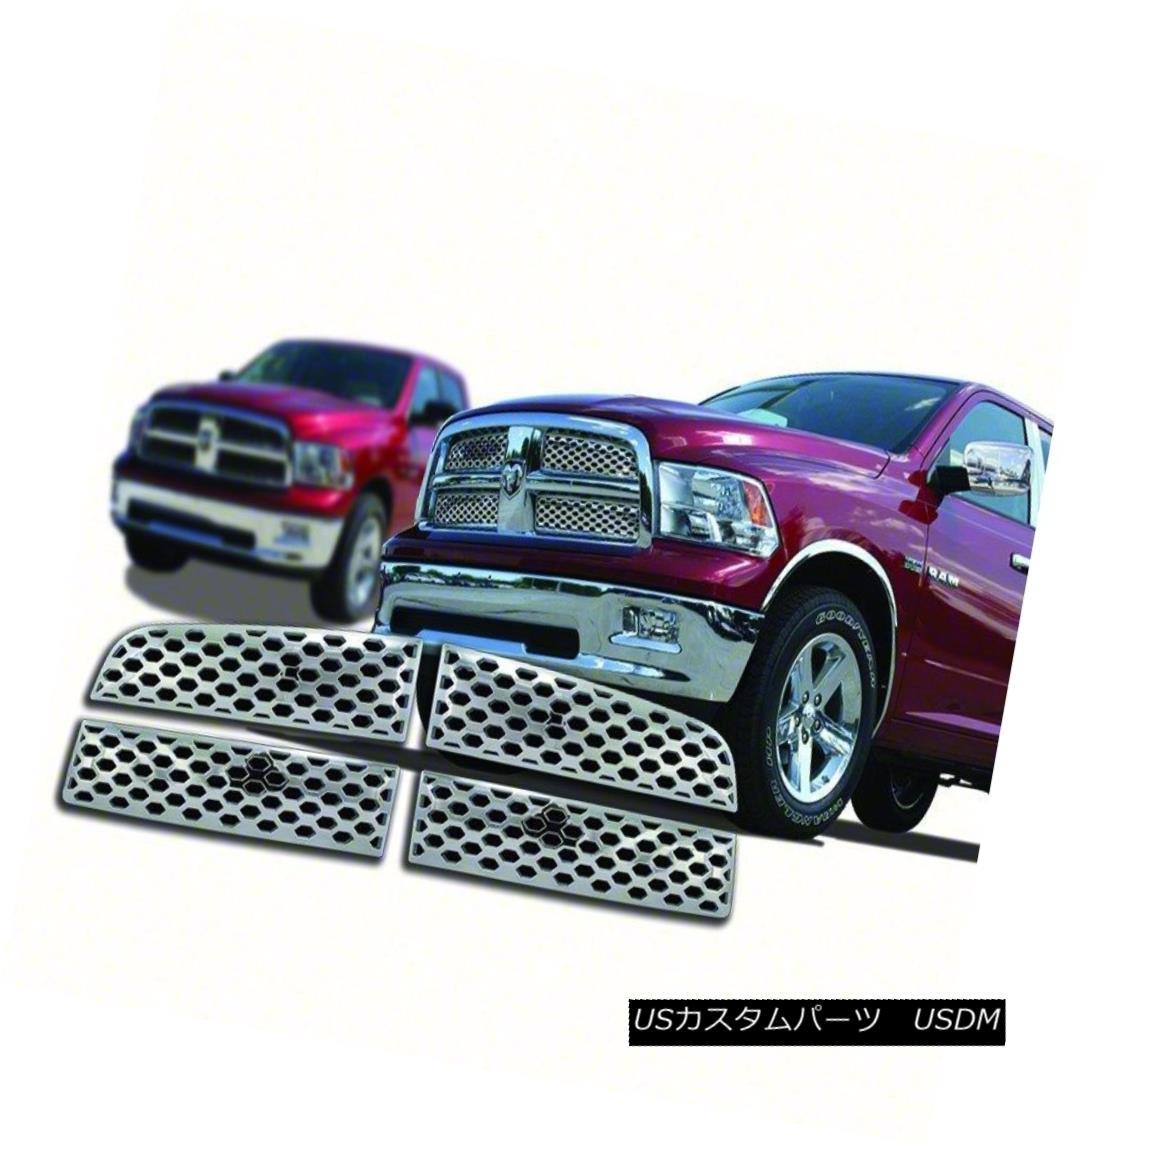 グリル Fits 2009-12 Dodge Ram 1500-4pc Chrome Grille Overlay-IWCGI74 フィット2009-12ダッジラム1500-4pcクロームグリルオーバーレイ-IWCGI7 4